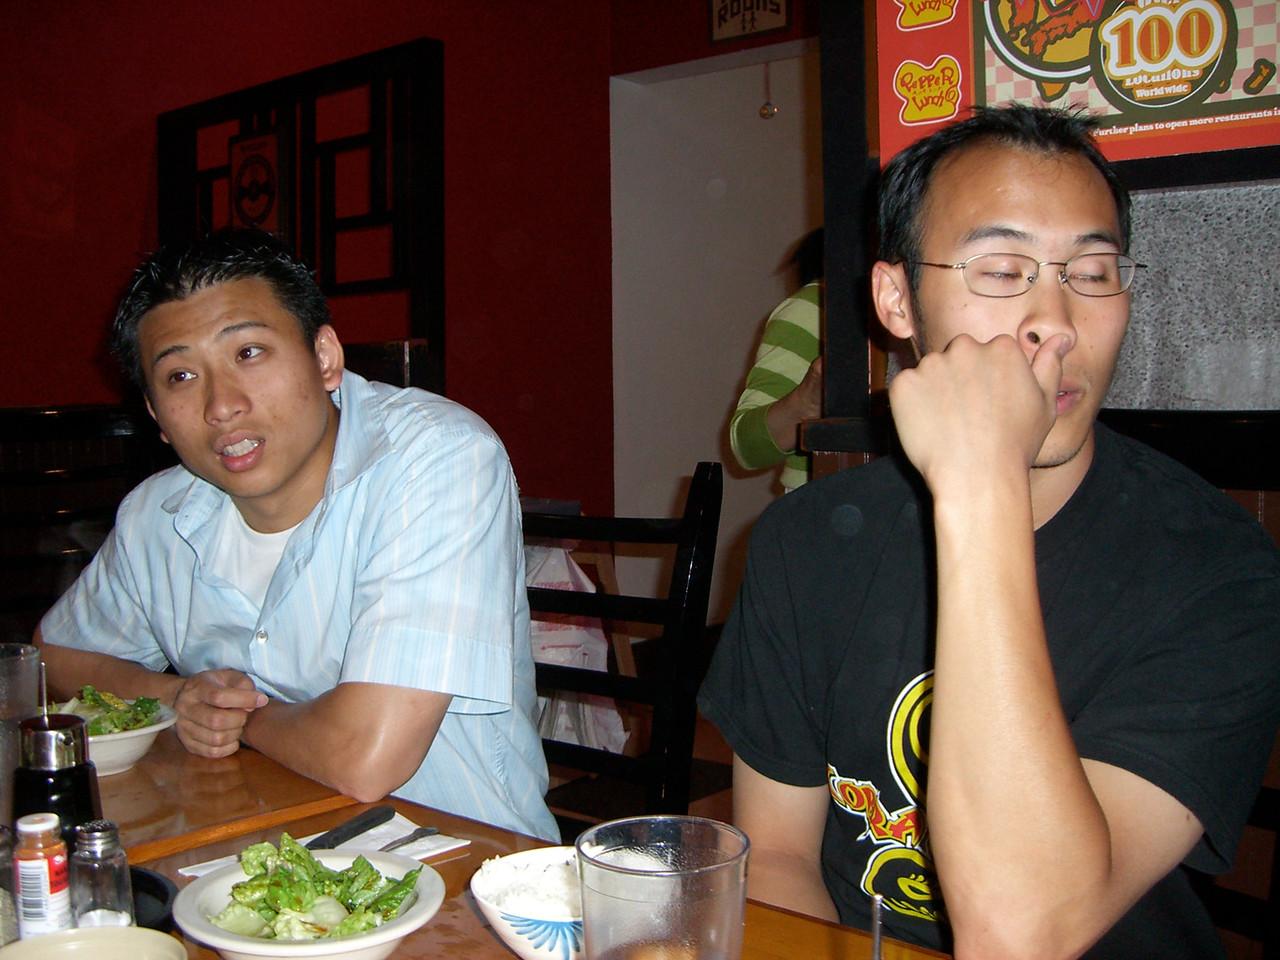 2006 06 17 Sat - Wing Ho & Steven Hu